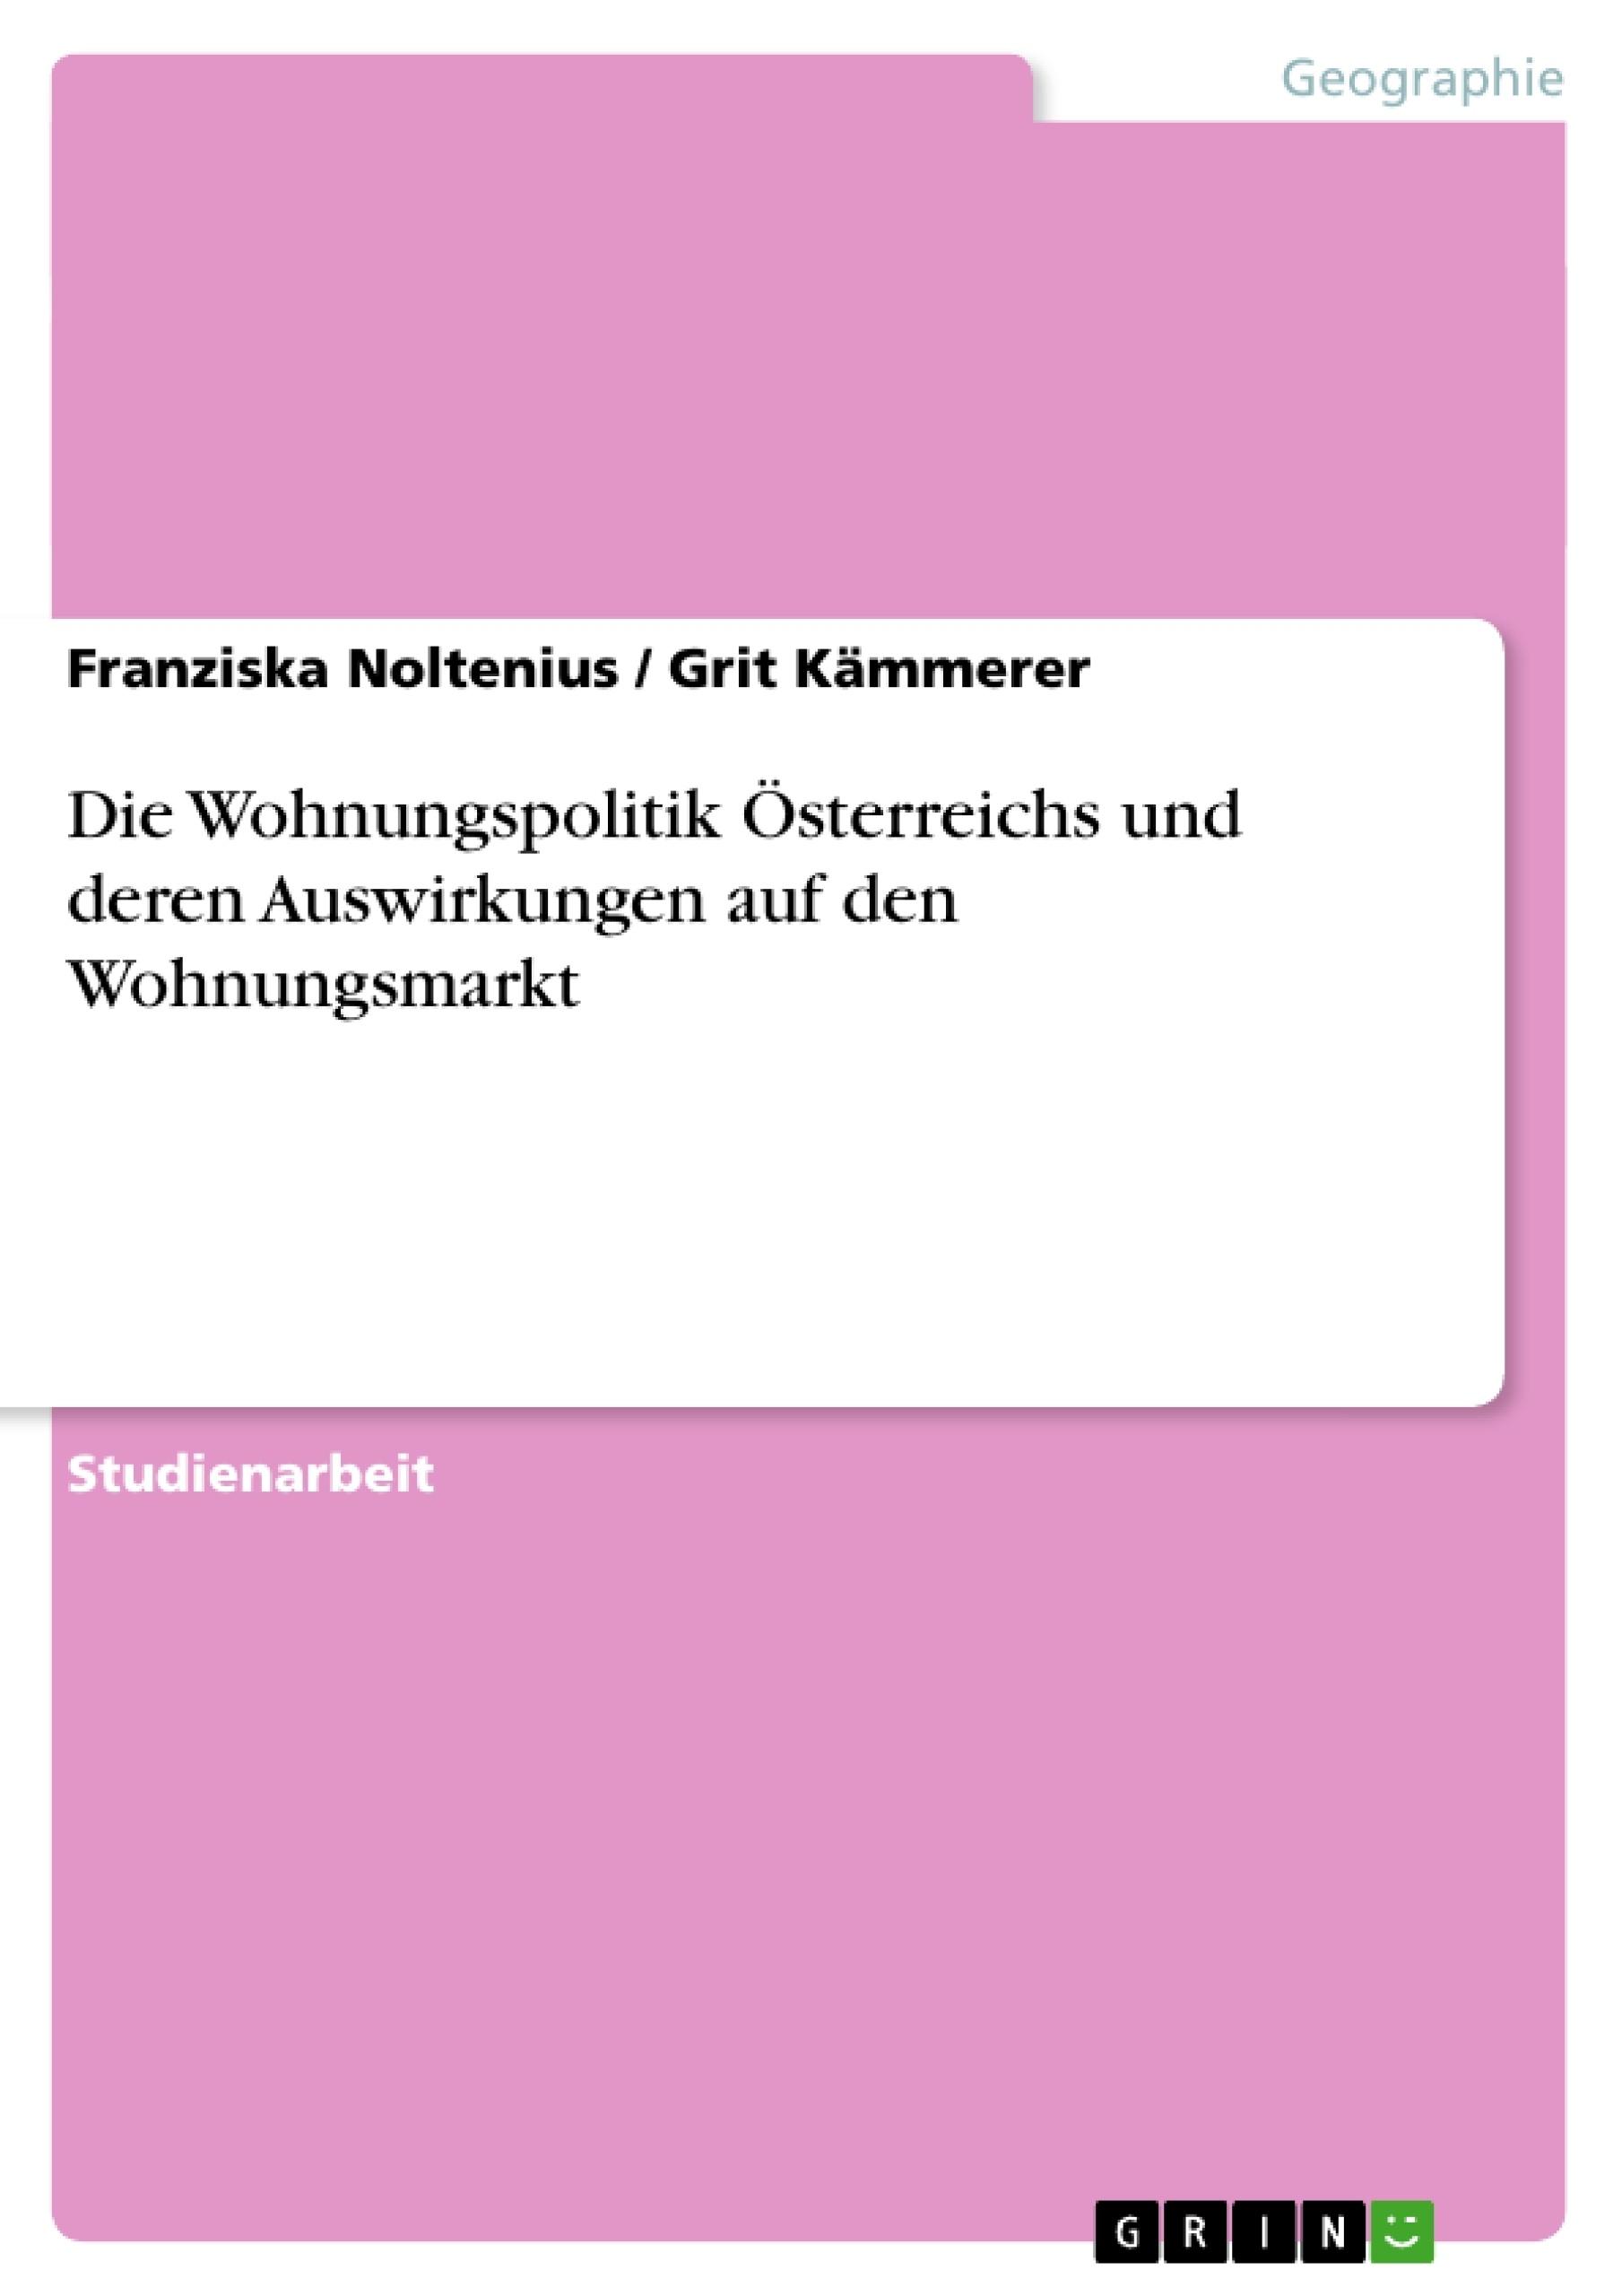 Titel: Die Wohnungspolitik Österreichs und deren Auswirkungen auf den Wohnungsmarkt